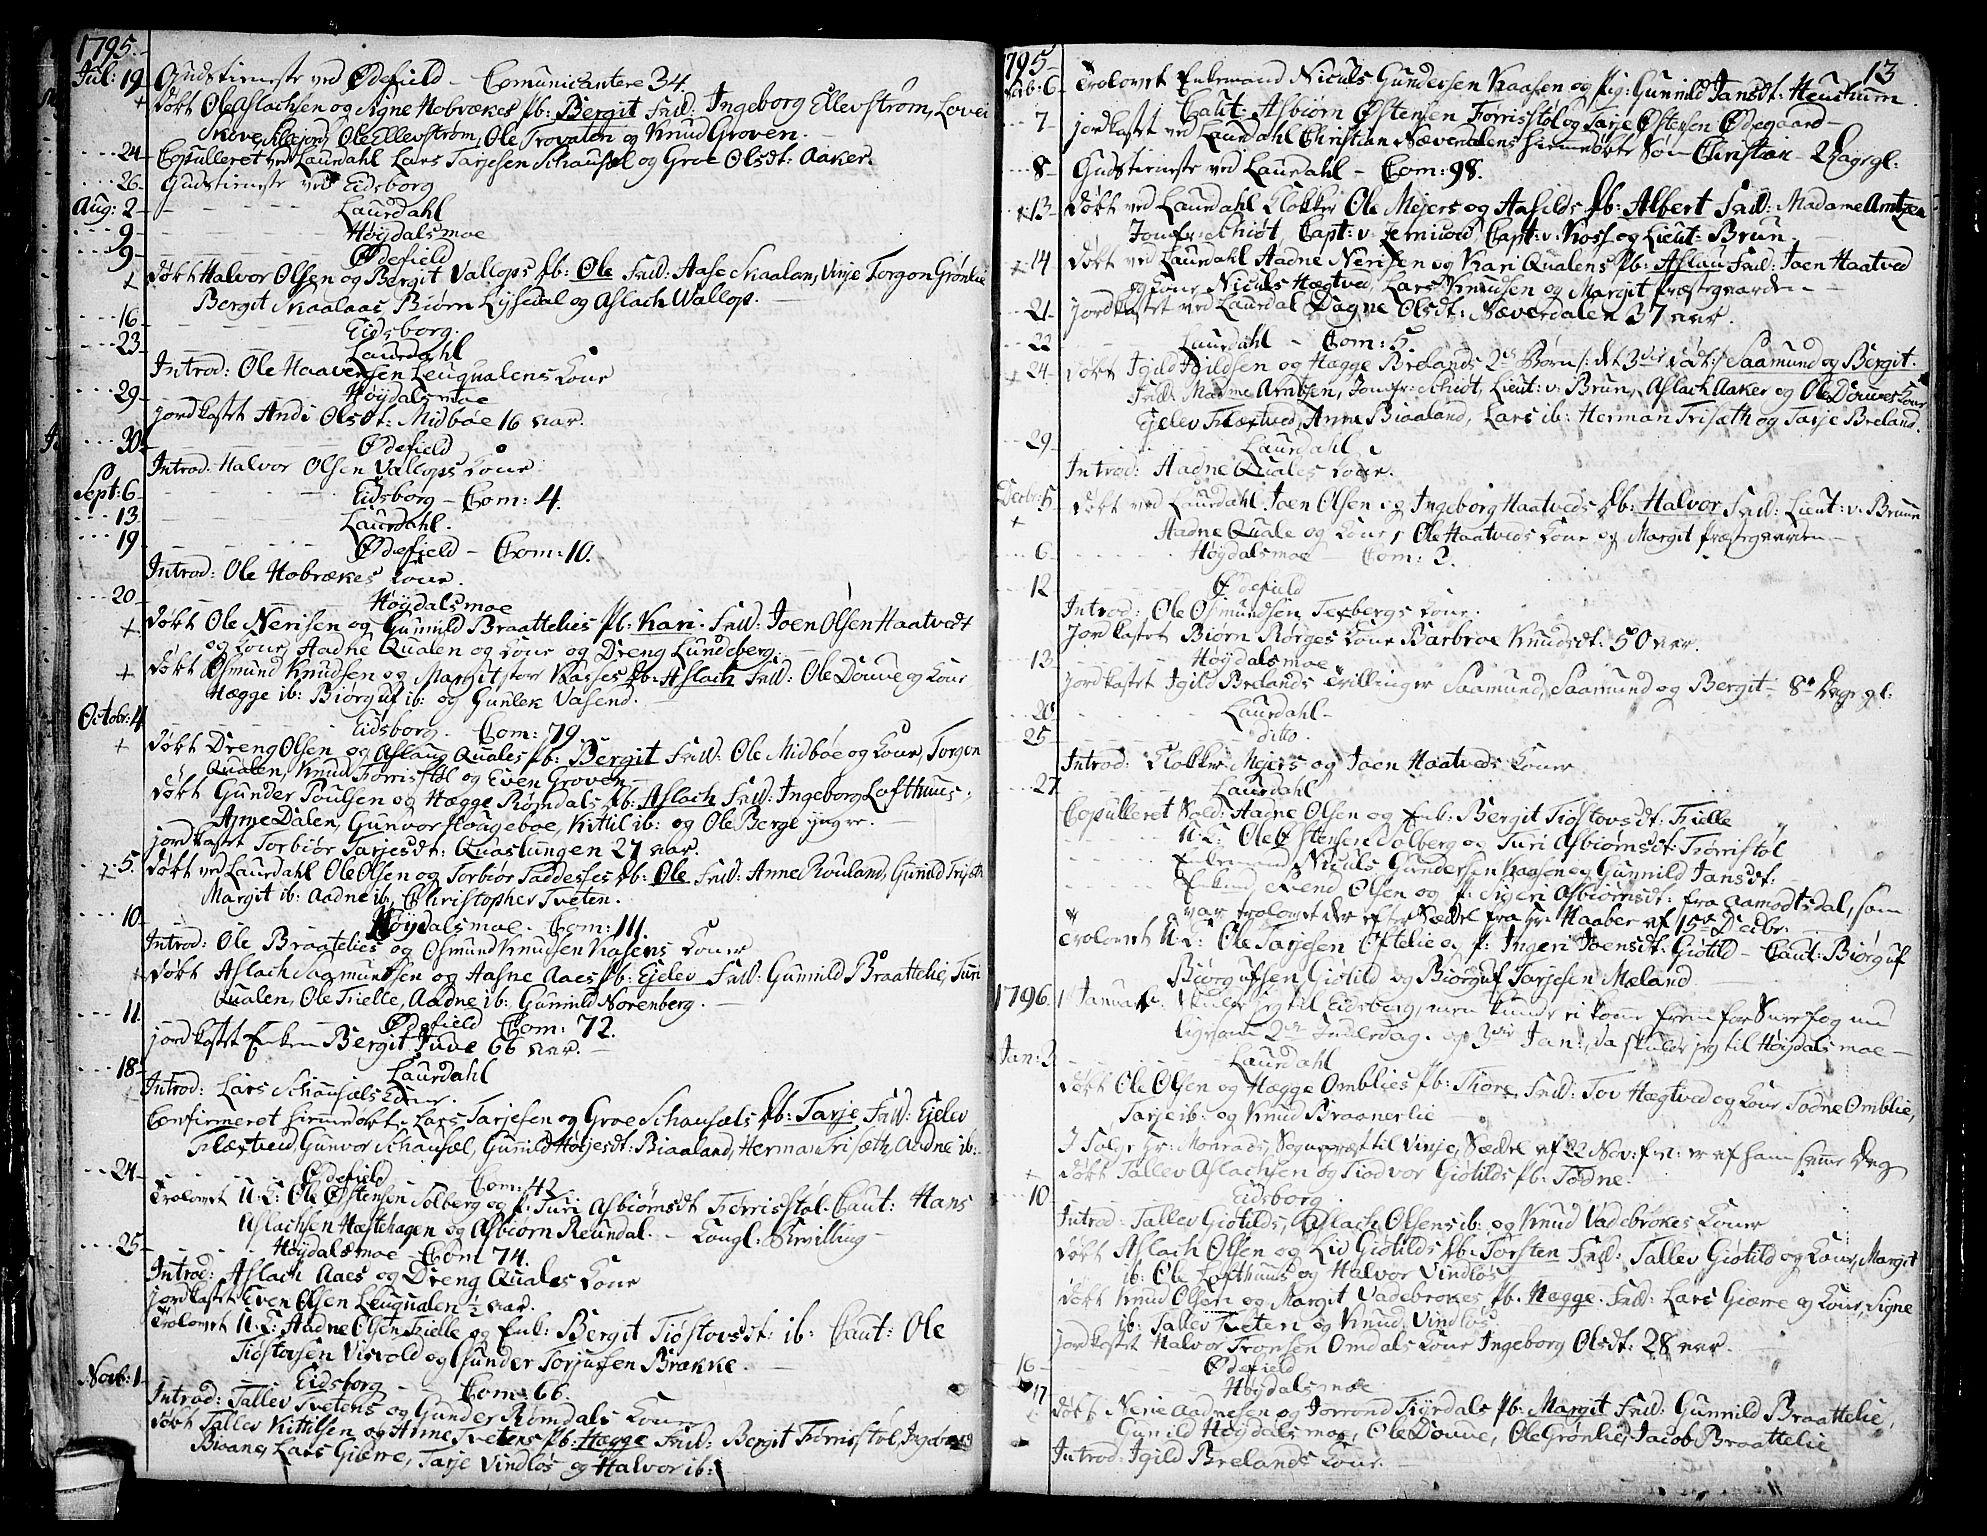 SAKO, Lårdal kirkebøker, F/Fa/L0004: Ministerialbok nr. I 4, 1790-1814, s. 13